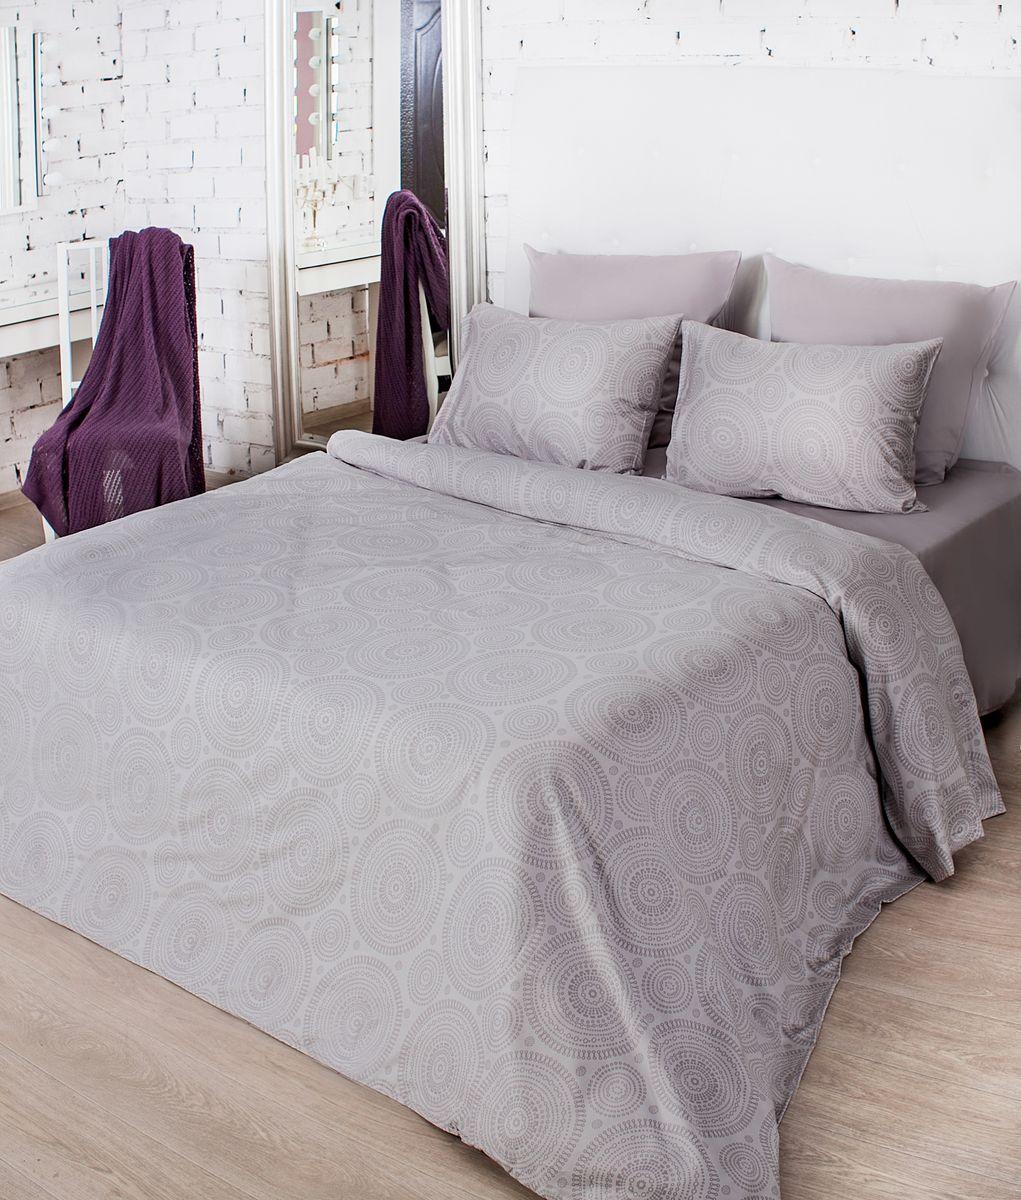 Комплект белья La Prima Тиффани (1,5-спальный КПБ, мако-сатин, наволочка-трансформер 50х70/70х70), серыйRC-100BWCДизайн Тиффани - графичный дизайн сложного и глубокого коричнево-серого оттенка. Его самое главное достоинство заключается в том, что он великолепно сочетается со всеми остальными цветами. А графичный рисунок коричневого цвета прекрасно его дополняет. Особенную изысканность, шелковистость и мягкость постельному белью придает ткань Мако-сатин, из которой оно выполнено. Мако-сатин - 100% хлопок - натуральный материал высочайшего качества, который обеспечивает глубокий и здоровый сон. Постельное белье неверояно приятное на ощупь, имеет благородный блеск, который достигается путем особого кручения нити. Кроме того, постельно белье Мако-сатин отличает особая прочность и износостойкость, оно очень приятное и легкое в уходе.